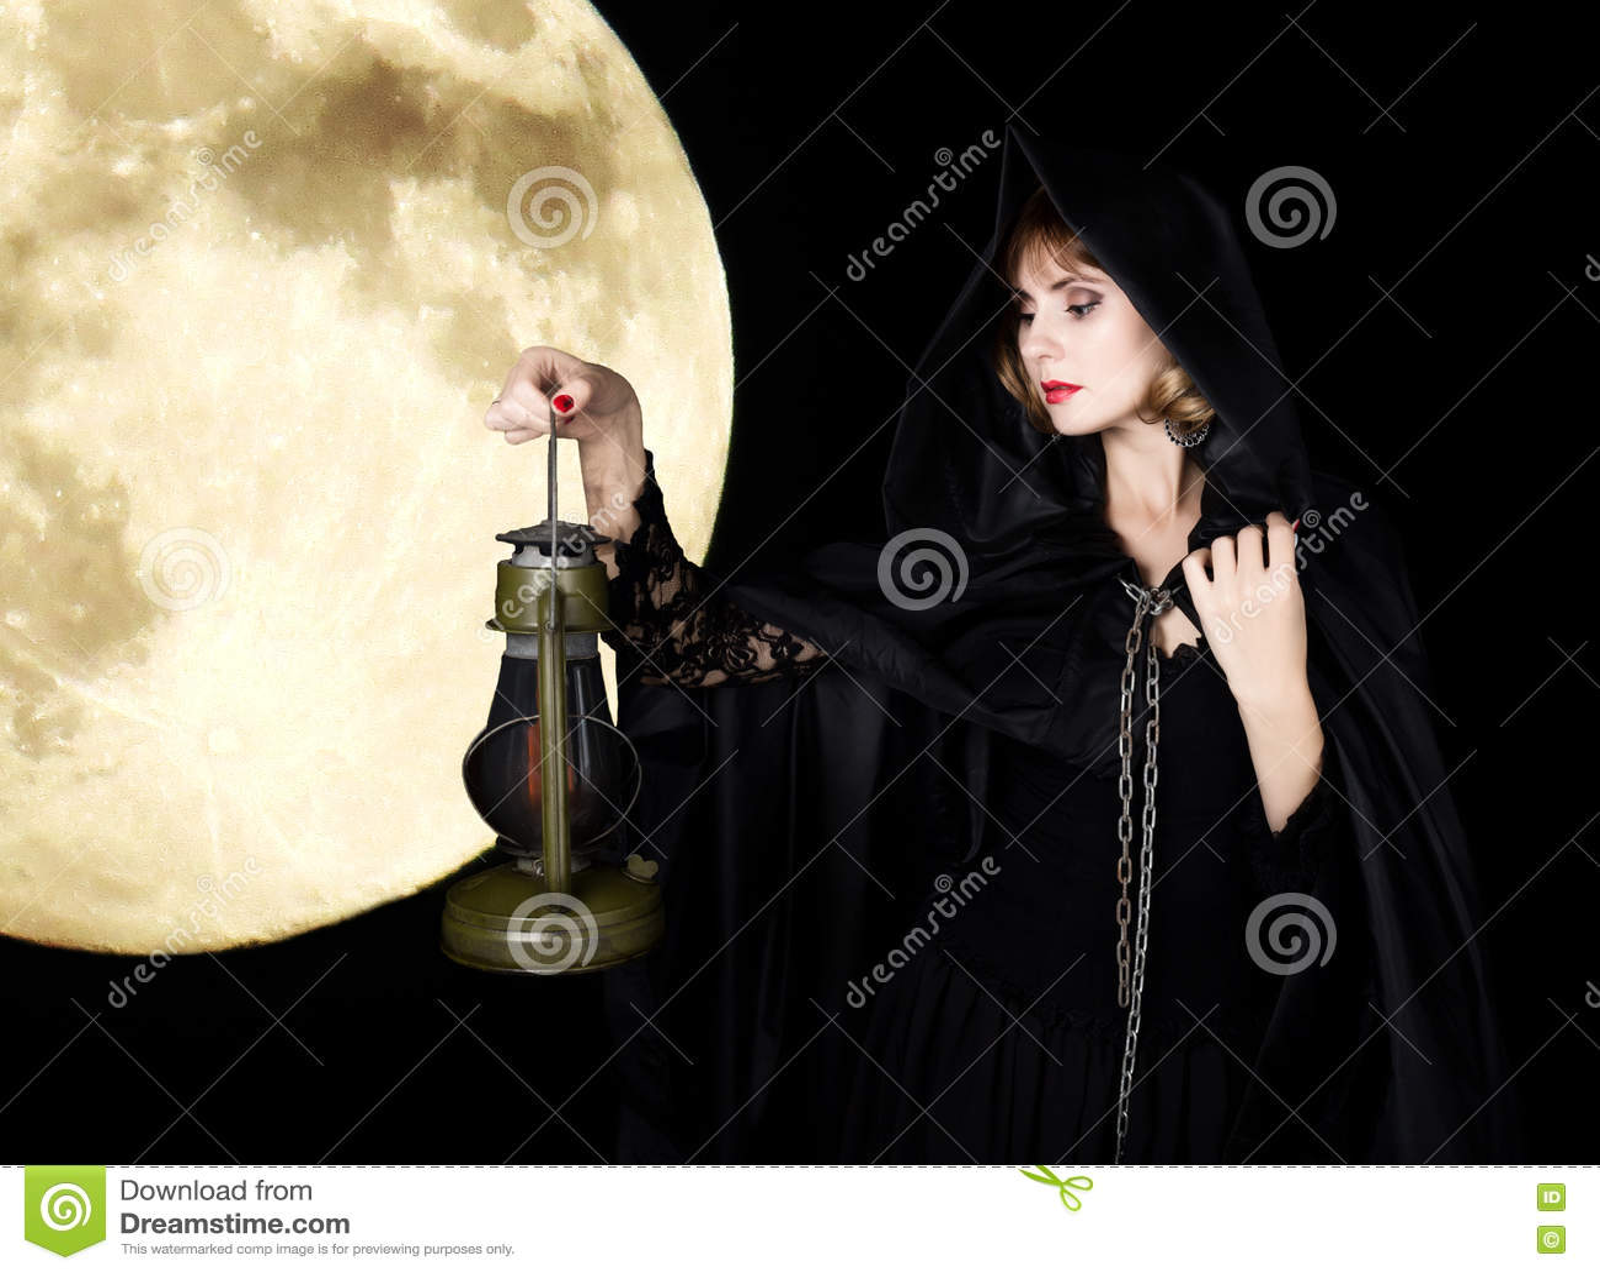 Vieille Jeune Et Corde Lampe 0wkopn Torche Mystérieuse Tenant Femme La hdxrCQts